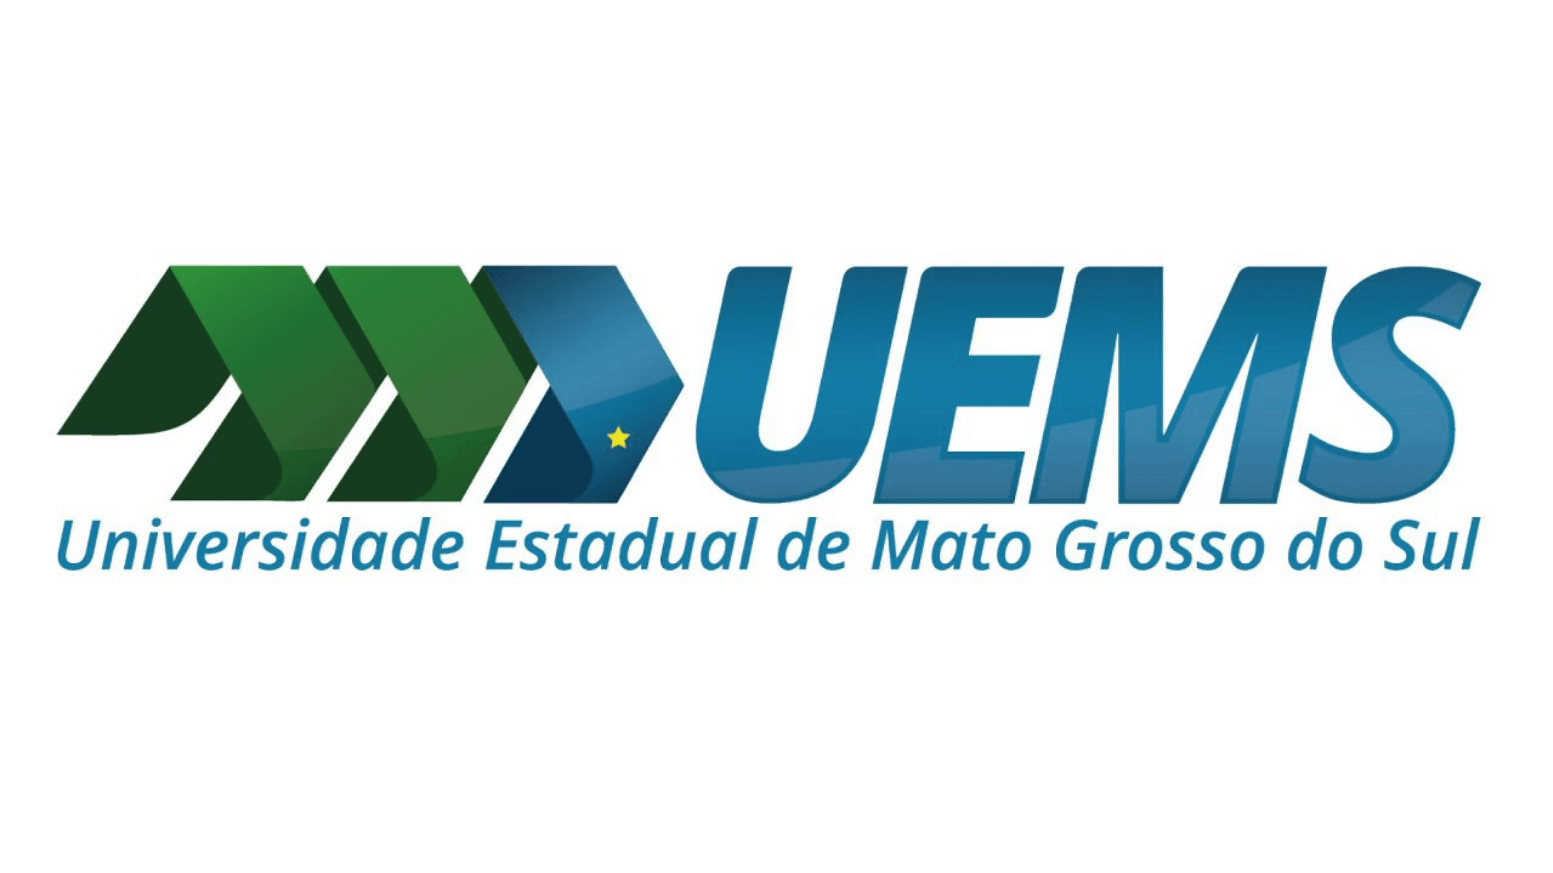 Abertas as inscrições para o Vestibular EaD da UEMS